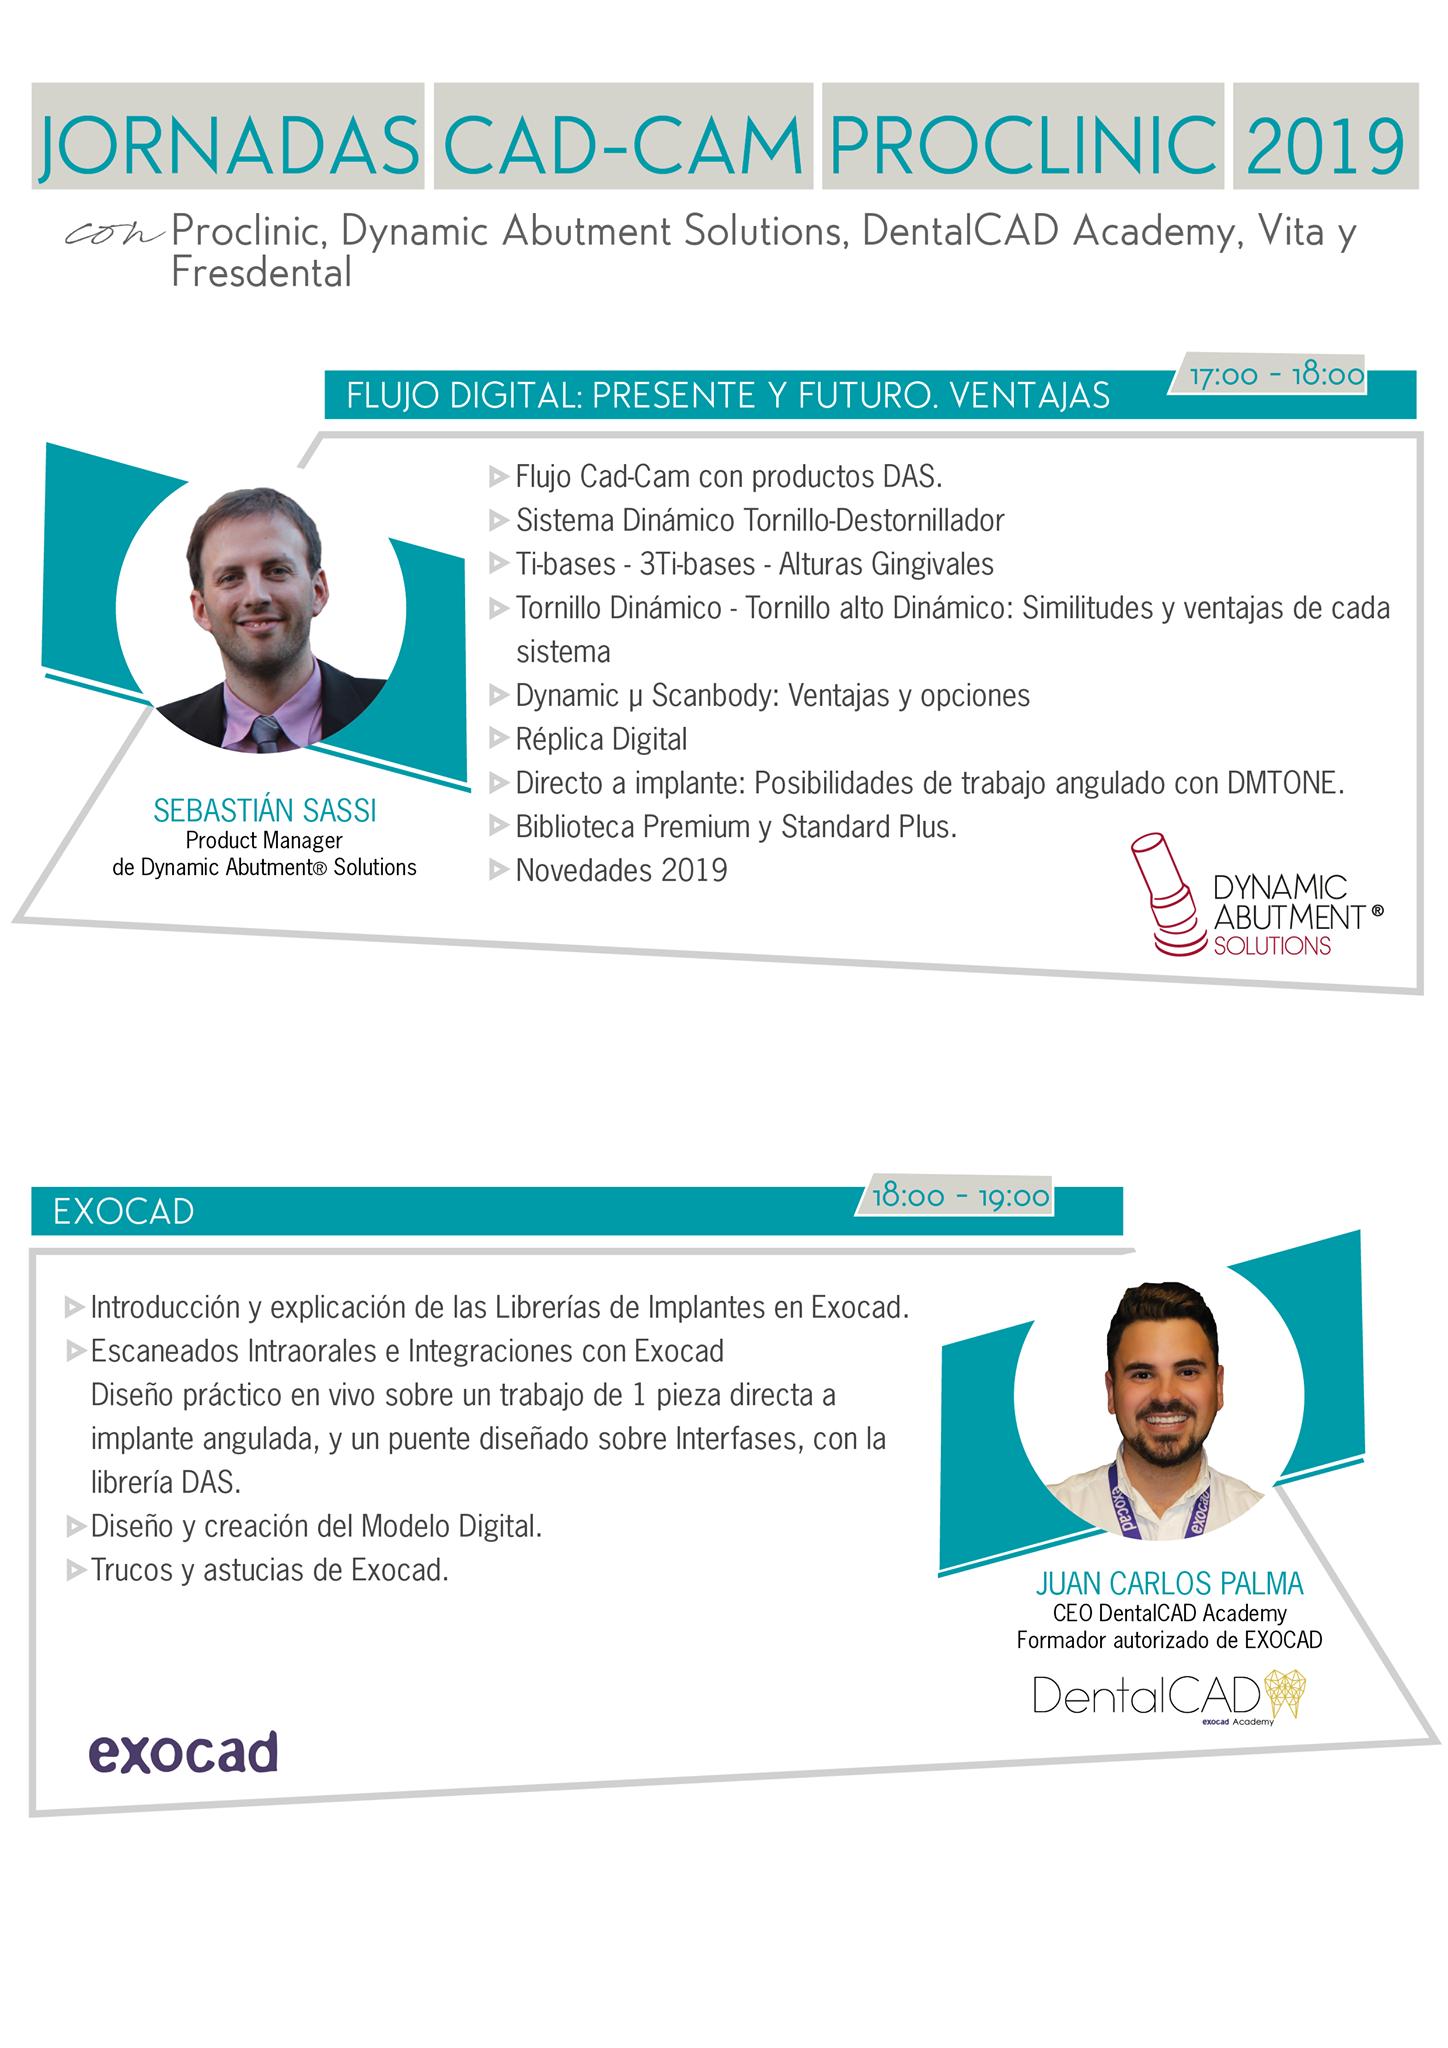 JORNADAS CAD-CAM 2019